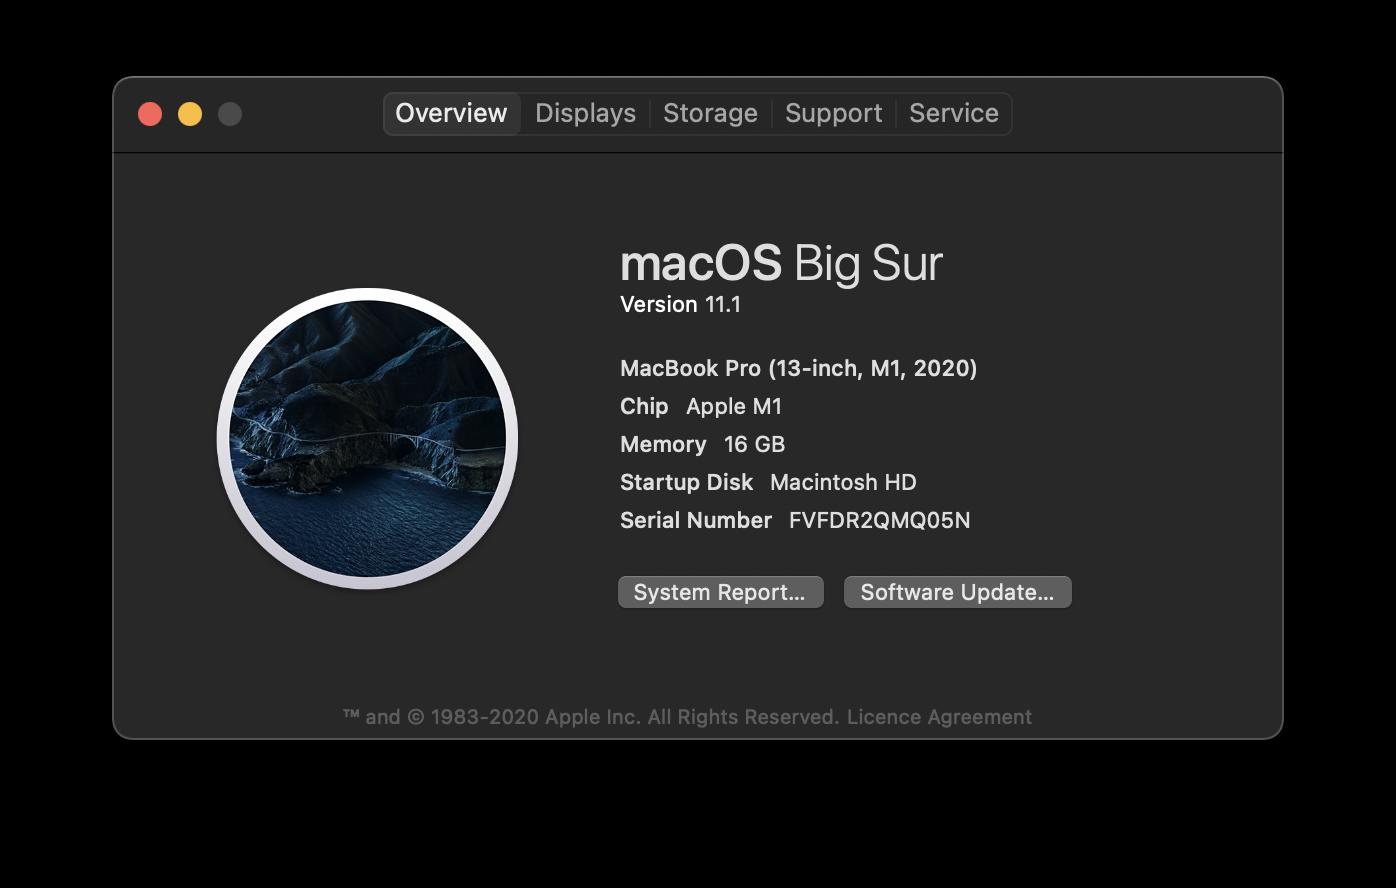 Screenshot 2021-02-01 at 14 56 16